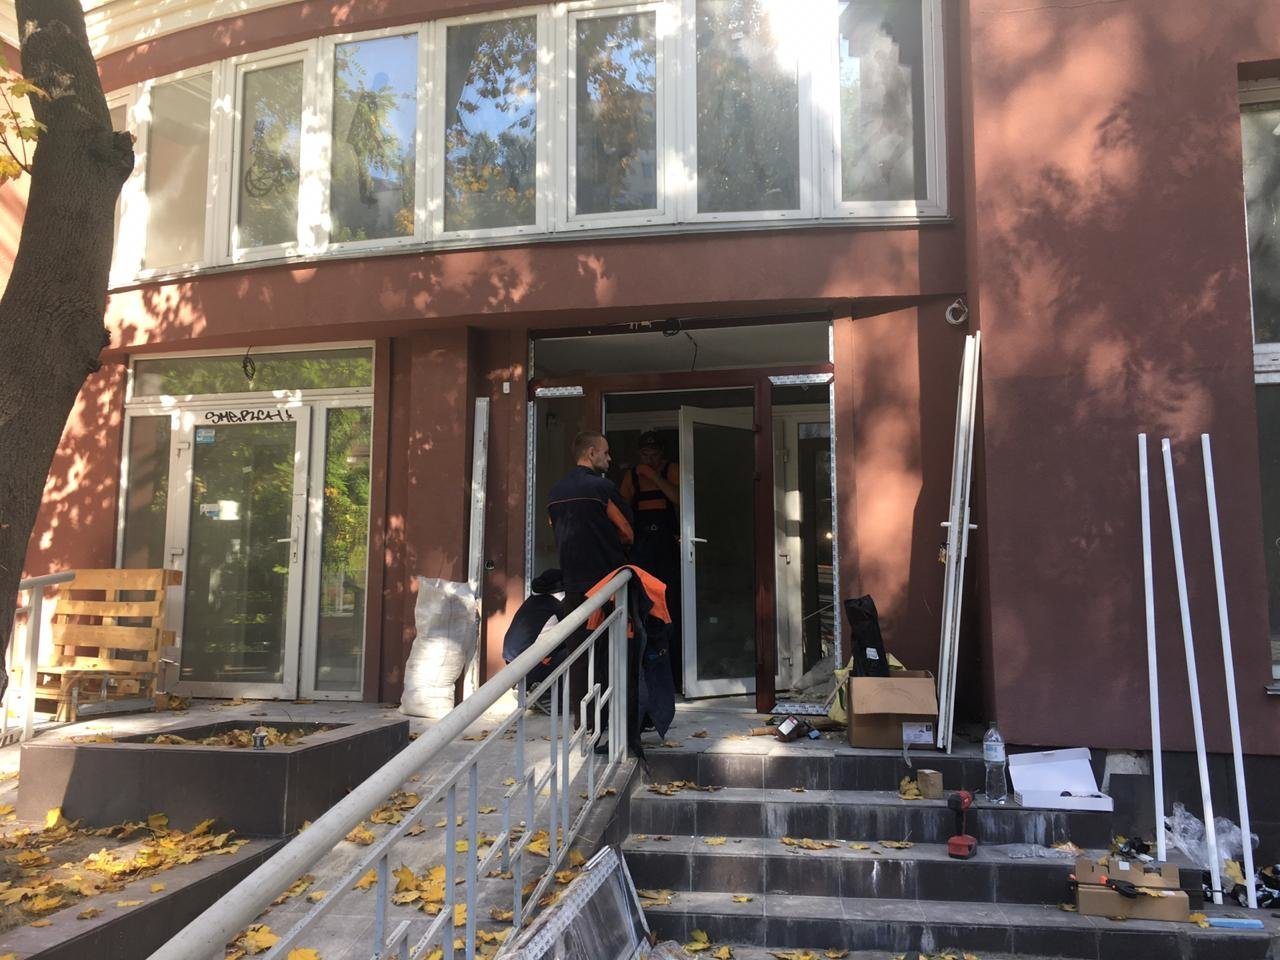 Фонд братьев Кузьминых вскоре откроет третий реабилитационный центр для раненых, - ФОТО, фото-9